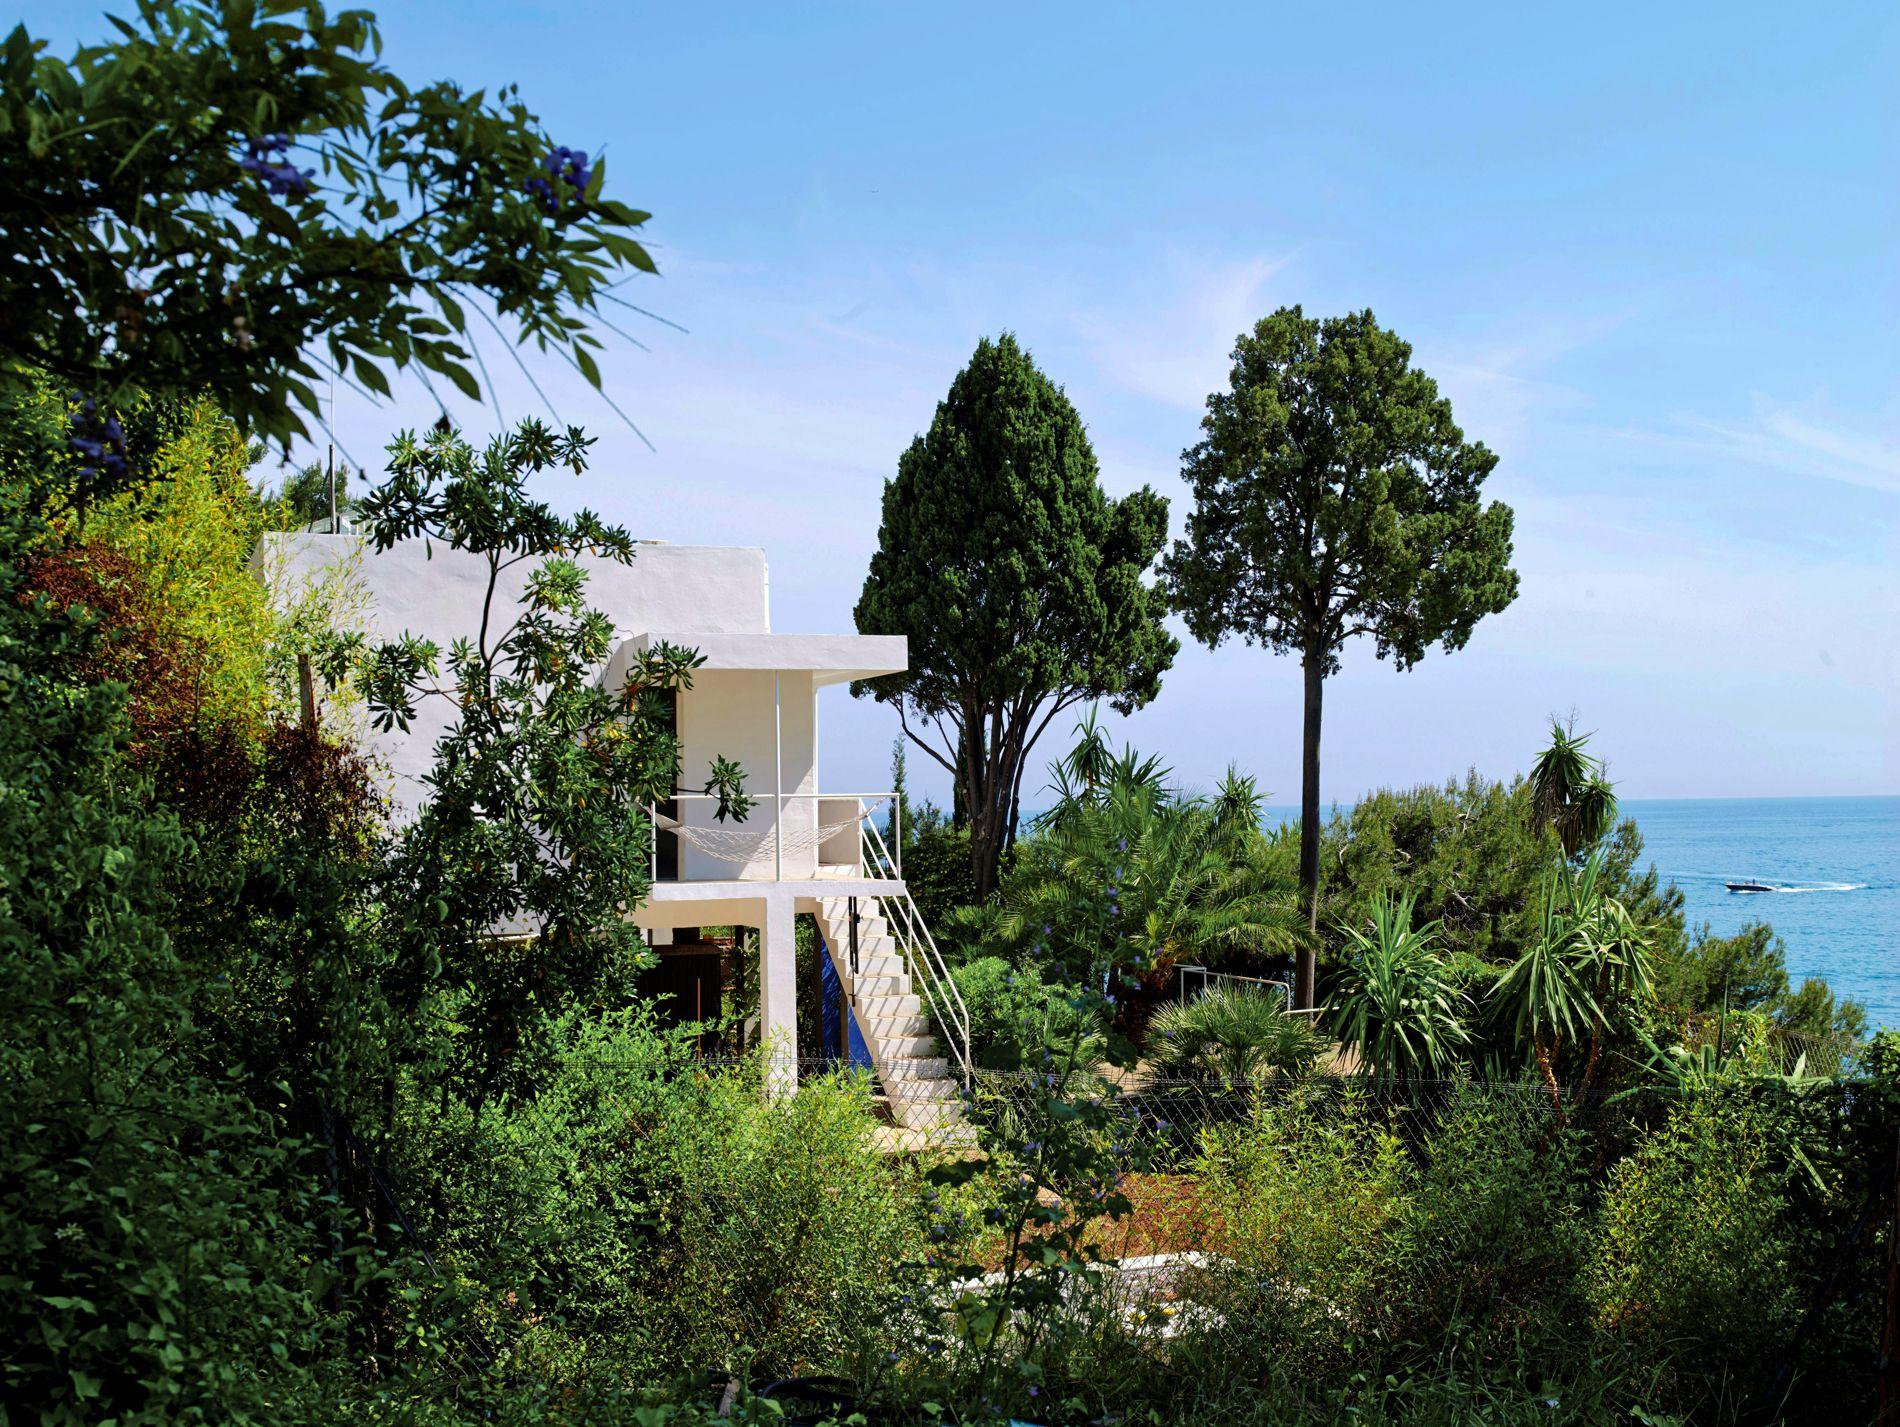 La Villa E 1027, Un Bijou De Lu0027architecture Moderniste édifié En 1926 Par  Eileen Gray, à Roquebrune Cap Martin, Face à La Mer Méditerranée.